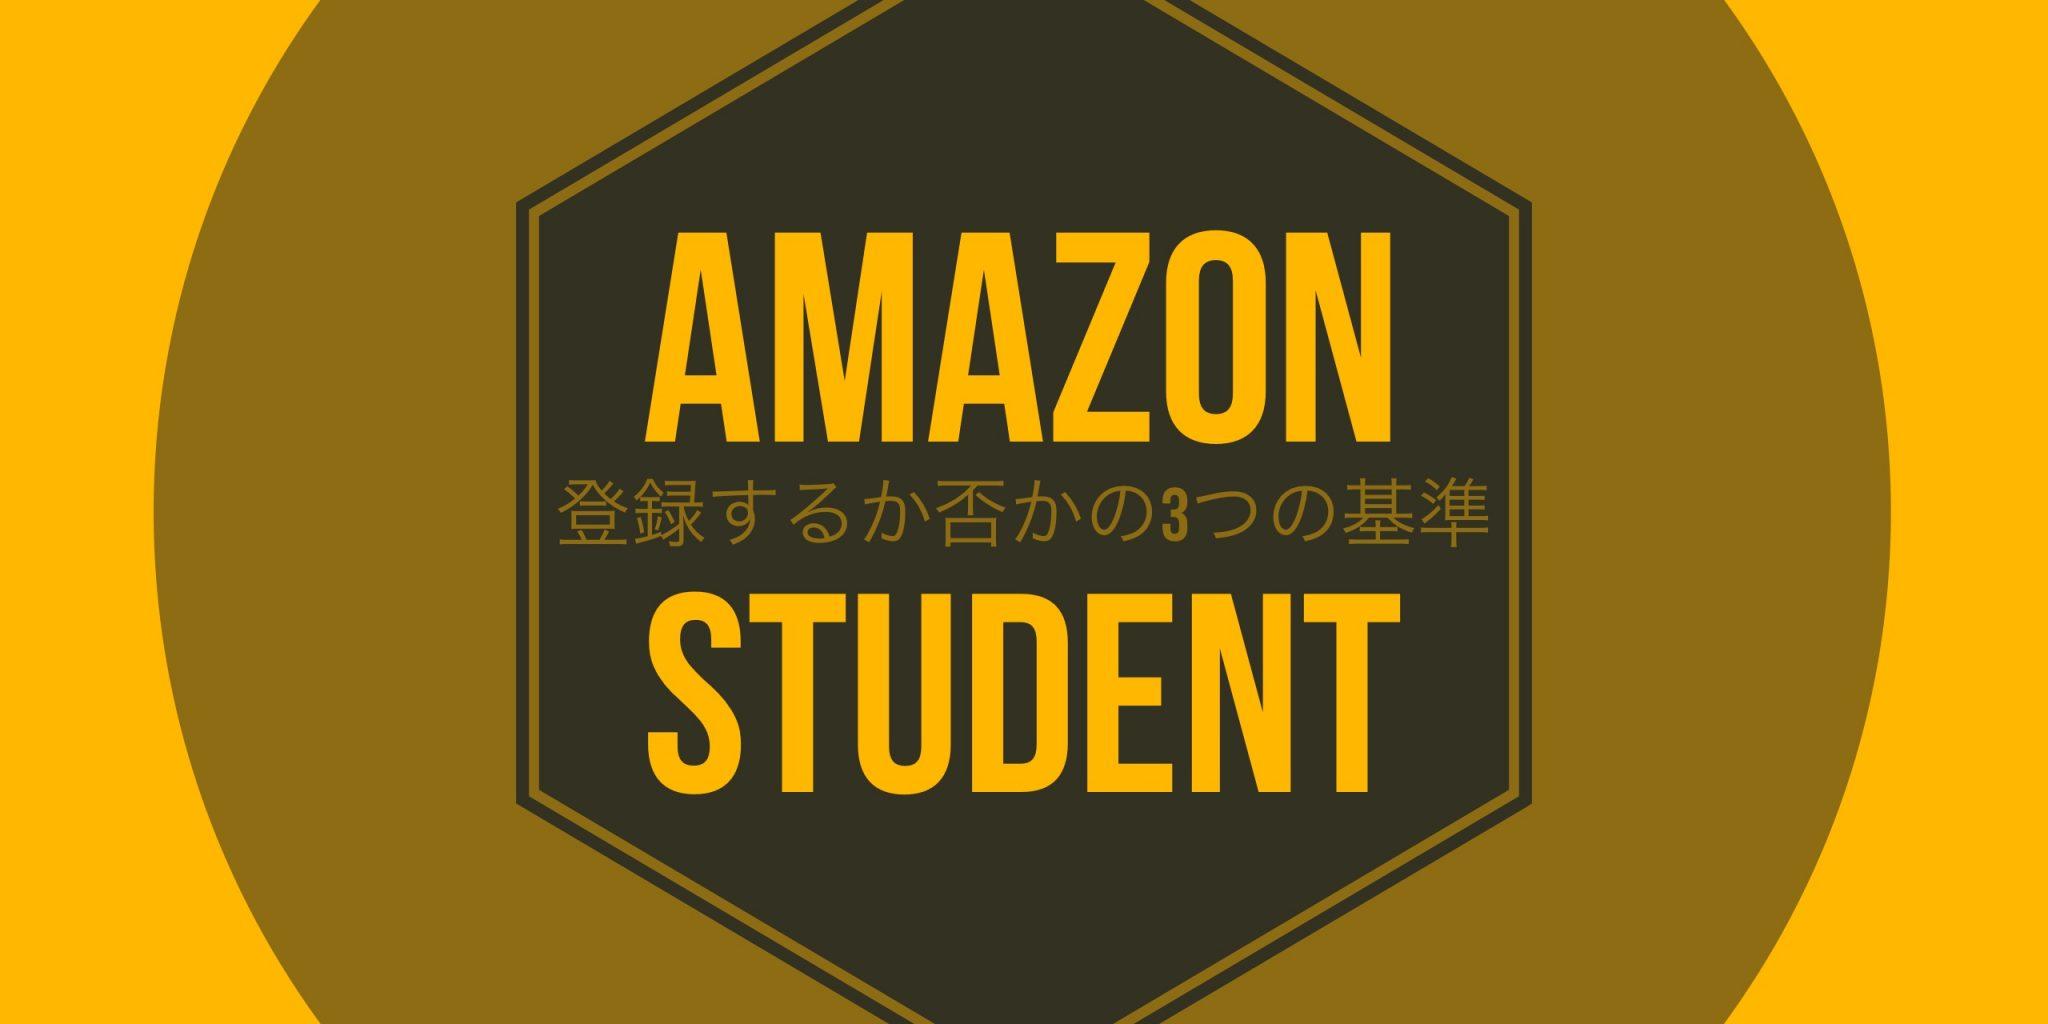 Amazon Studentにお金払ってまで登録するか否かの3つの基準